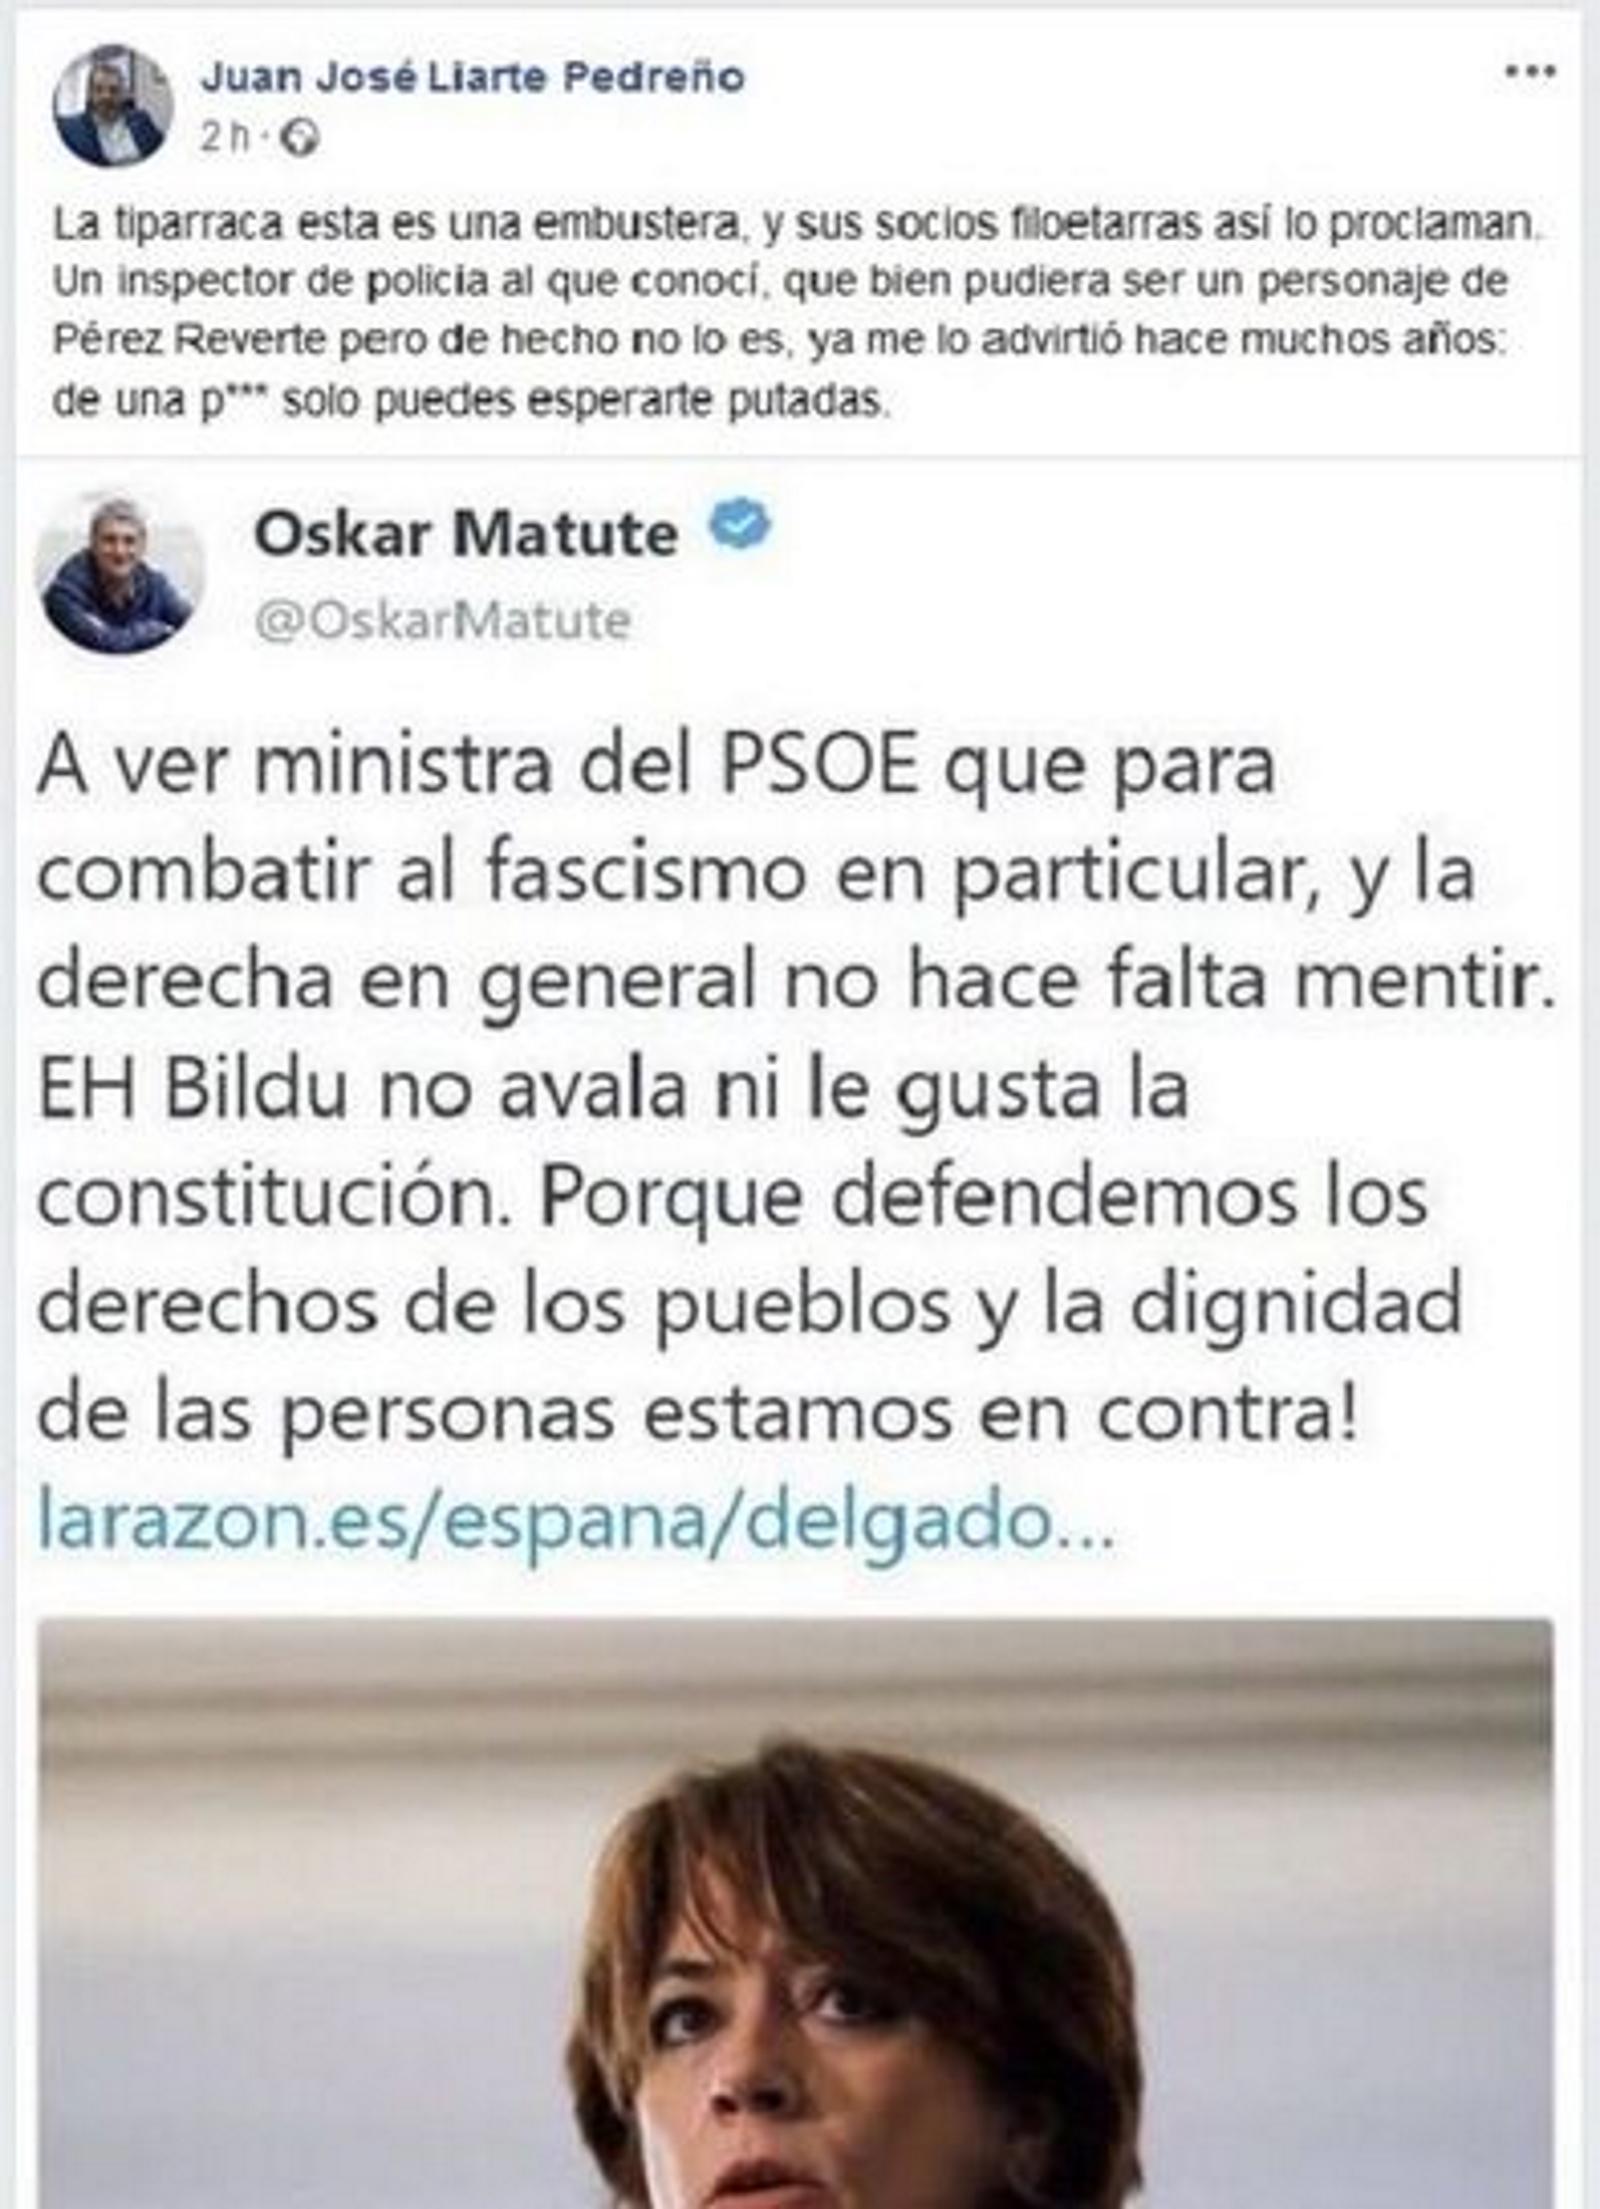 FOTOGRAFÍA. MURCIA (ESPAÑA), 23.07.2019. La Fiscalía estudia presentar una querella contra el portavoz de Vox en Murcia, Juan José Liarte, por supuestos insultos. Ñ Pueblo